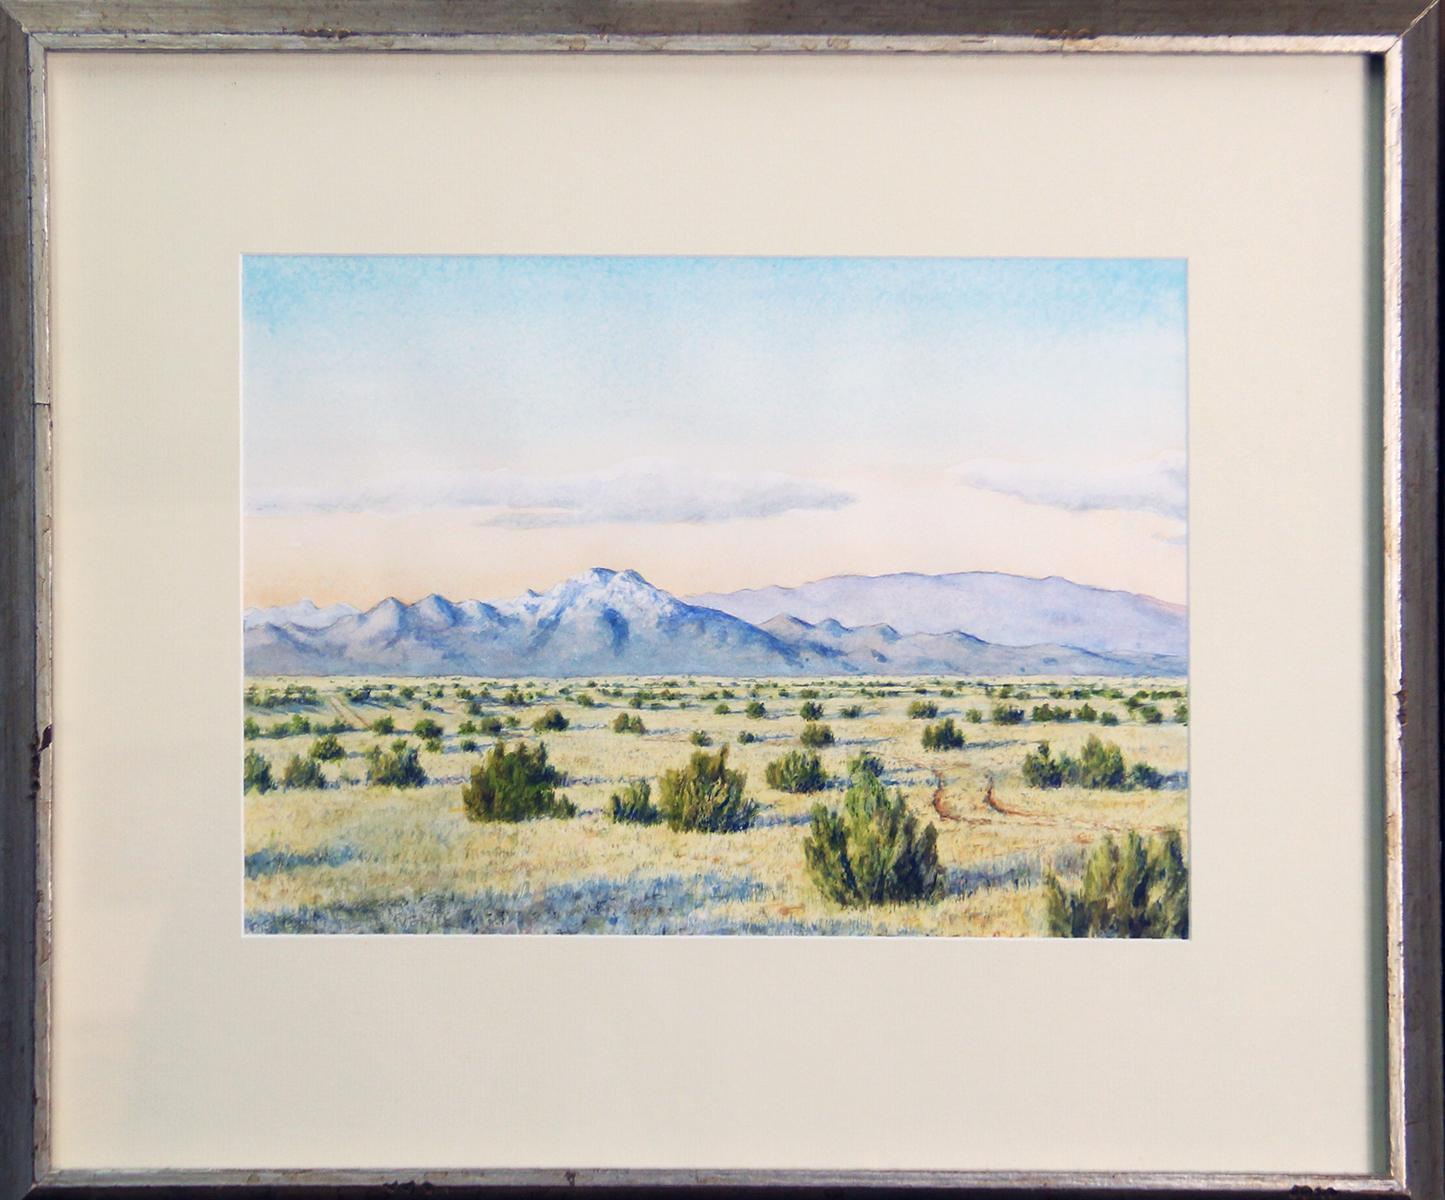 Near Pueblo Canyon, Los Alamos County, New Mexico, Watercolor on Paper Landscape